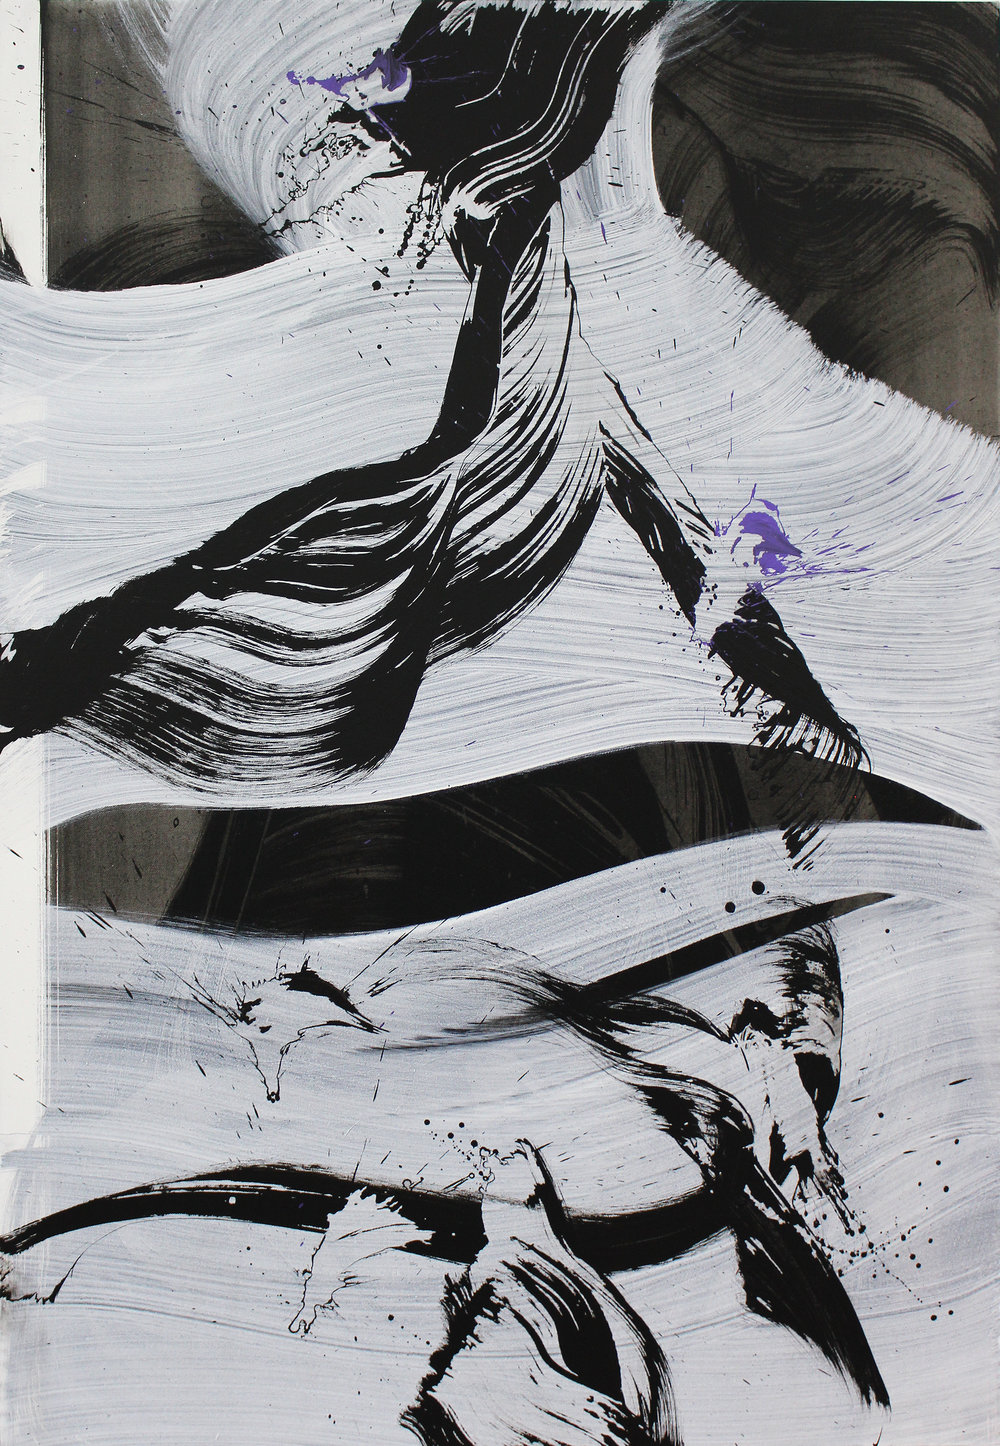 Juan Olivares-Barricade XII-2018- 130 x 90 x 4 cm-Acrylic on canvas.jpg